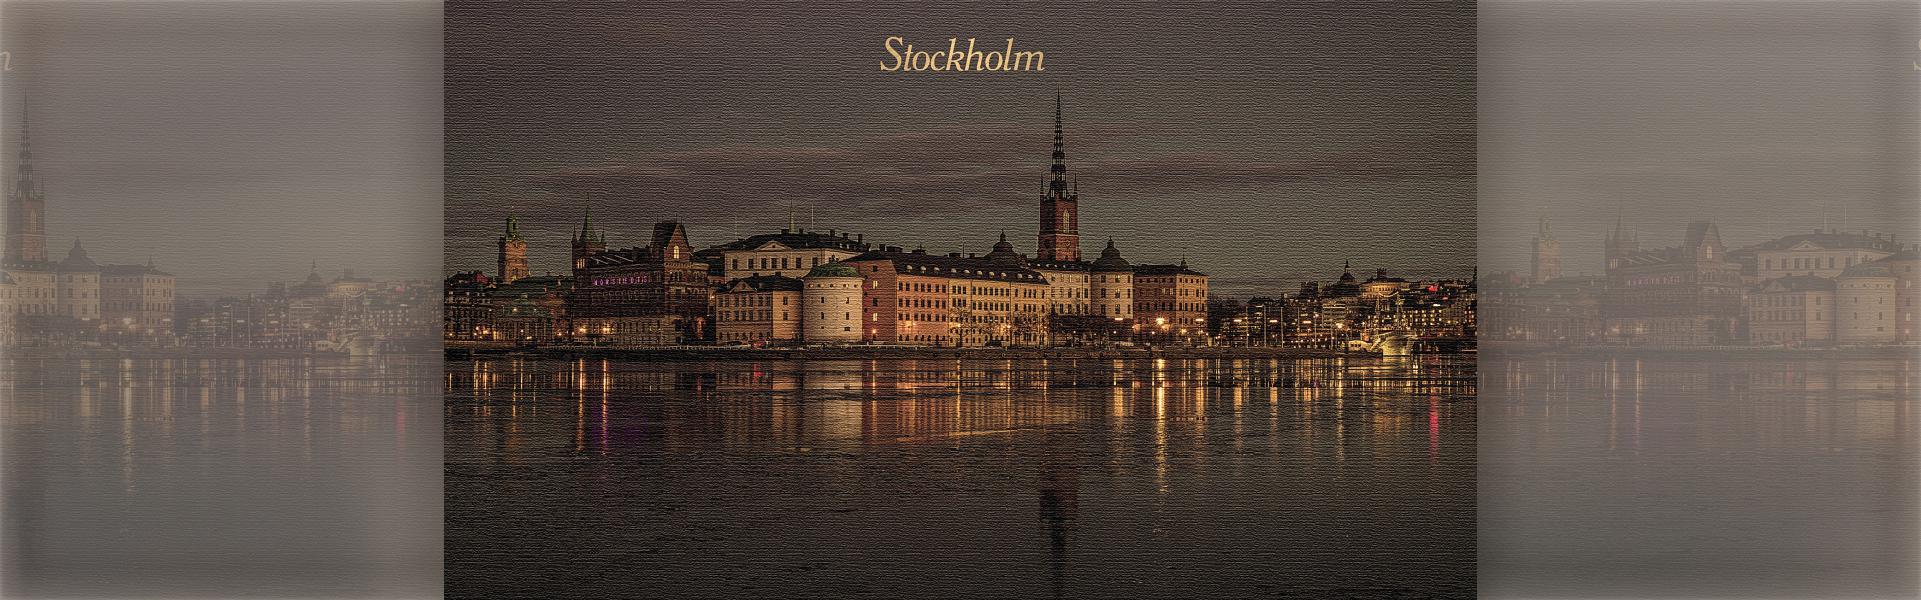 Stockholm_Sweden 2 редакция 1